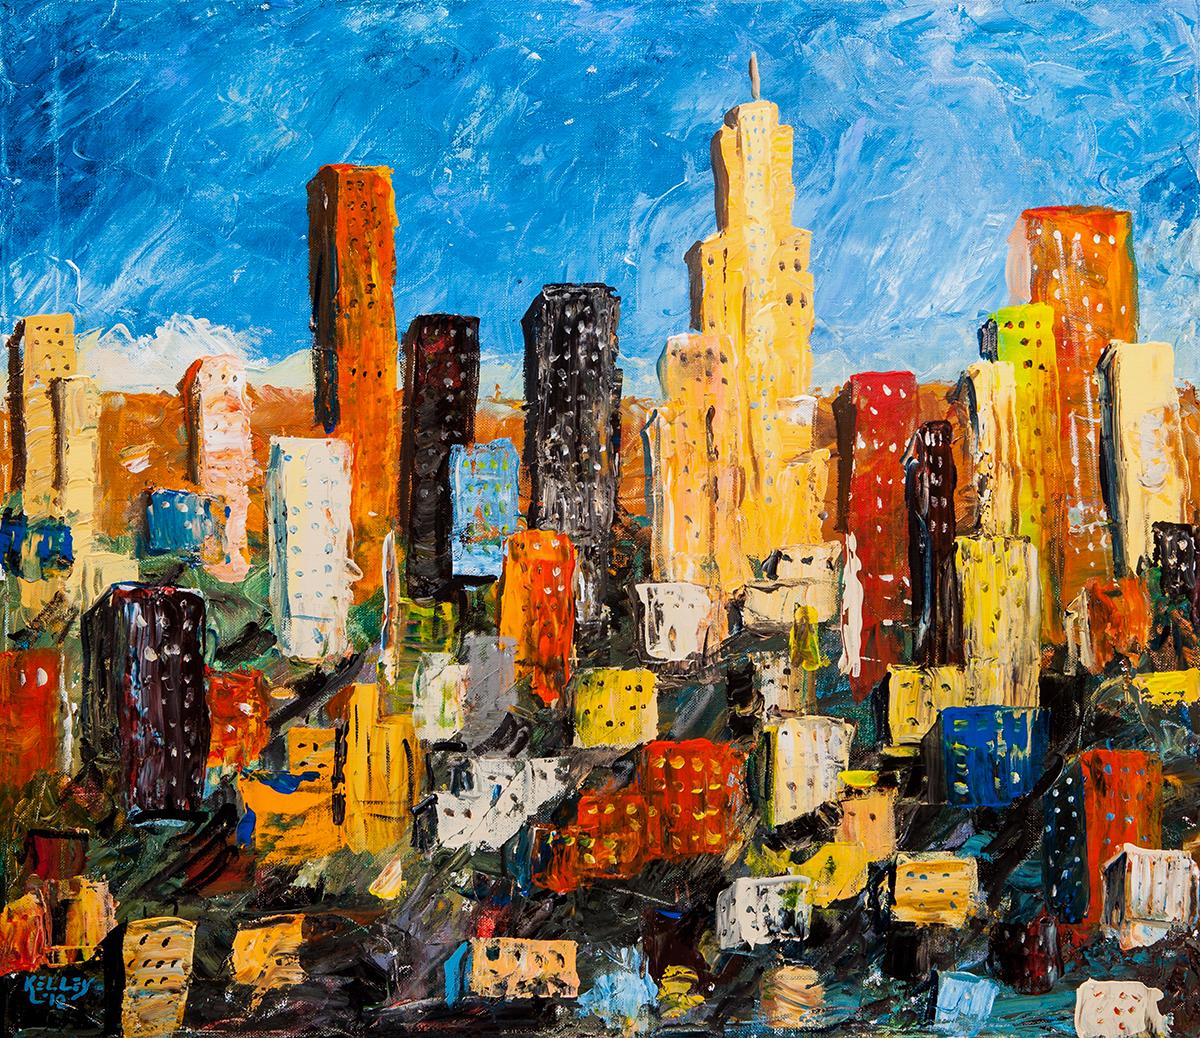 07-Charles-David-Kelley-Expression-Los-Angeles